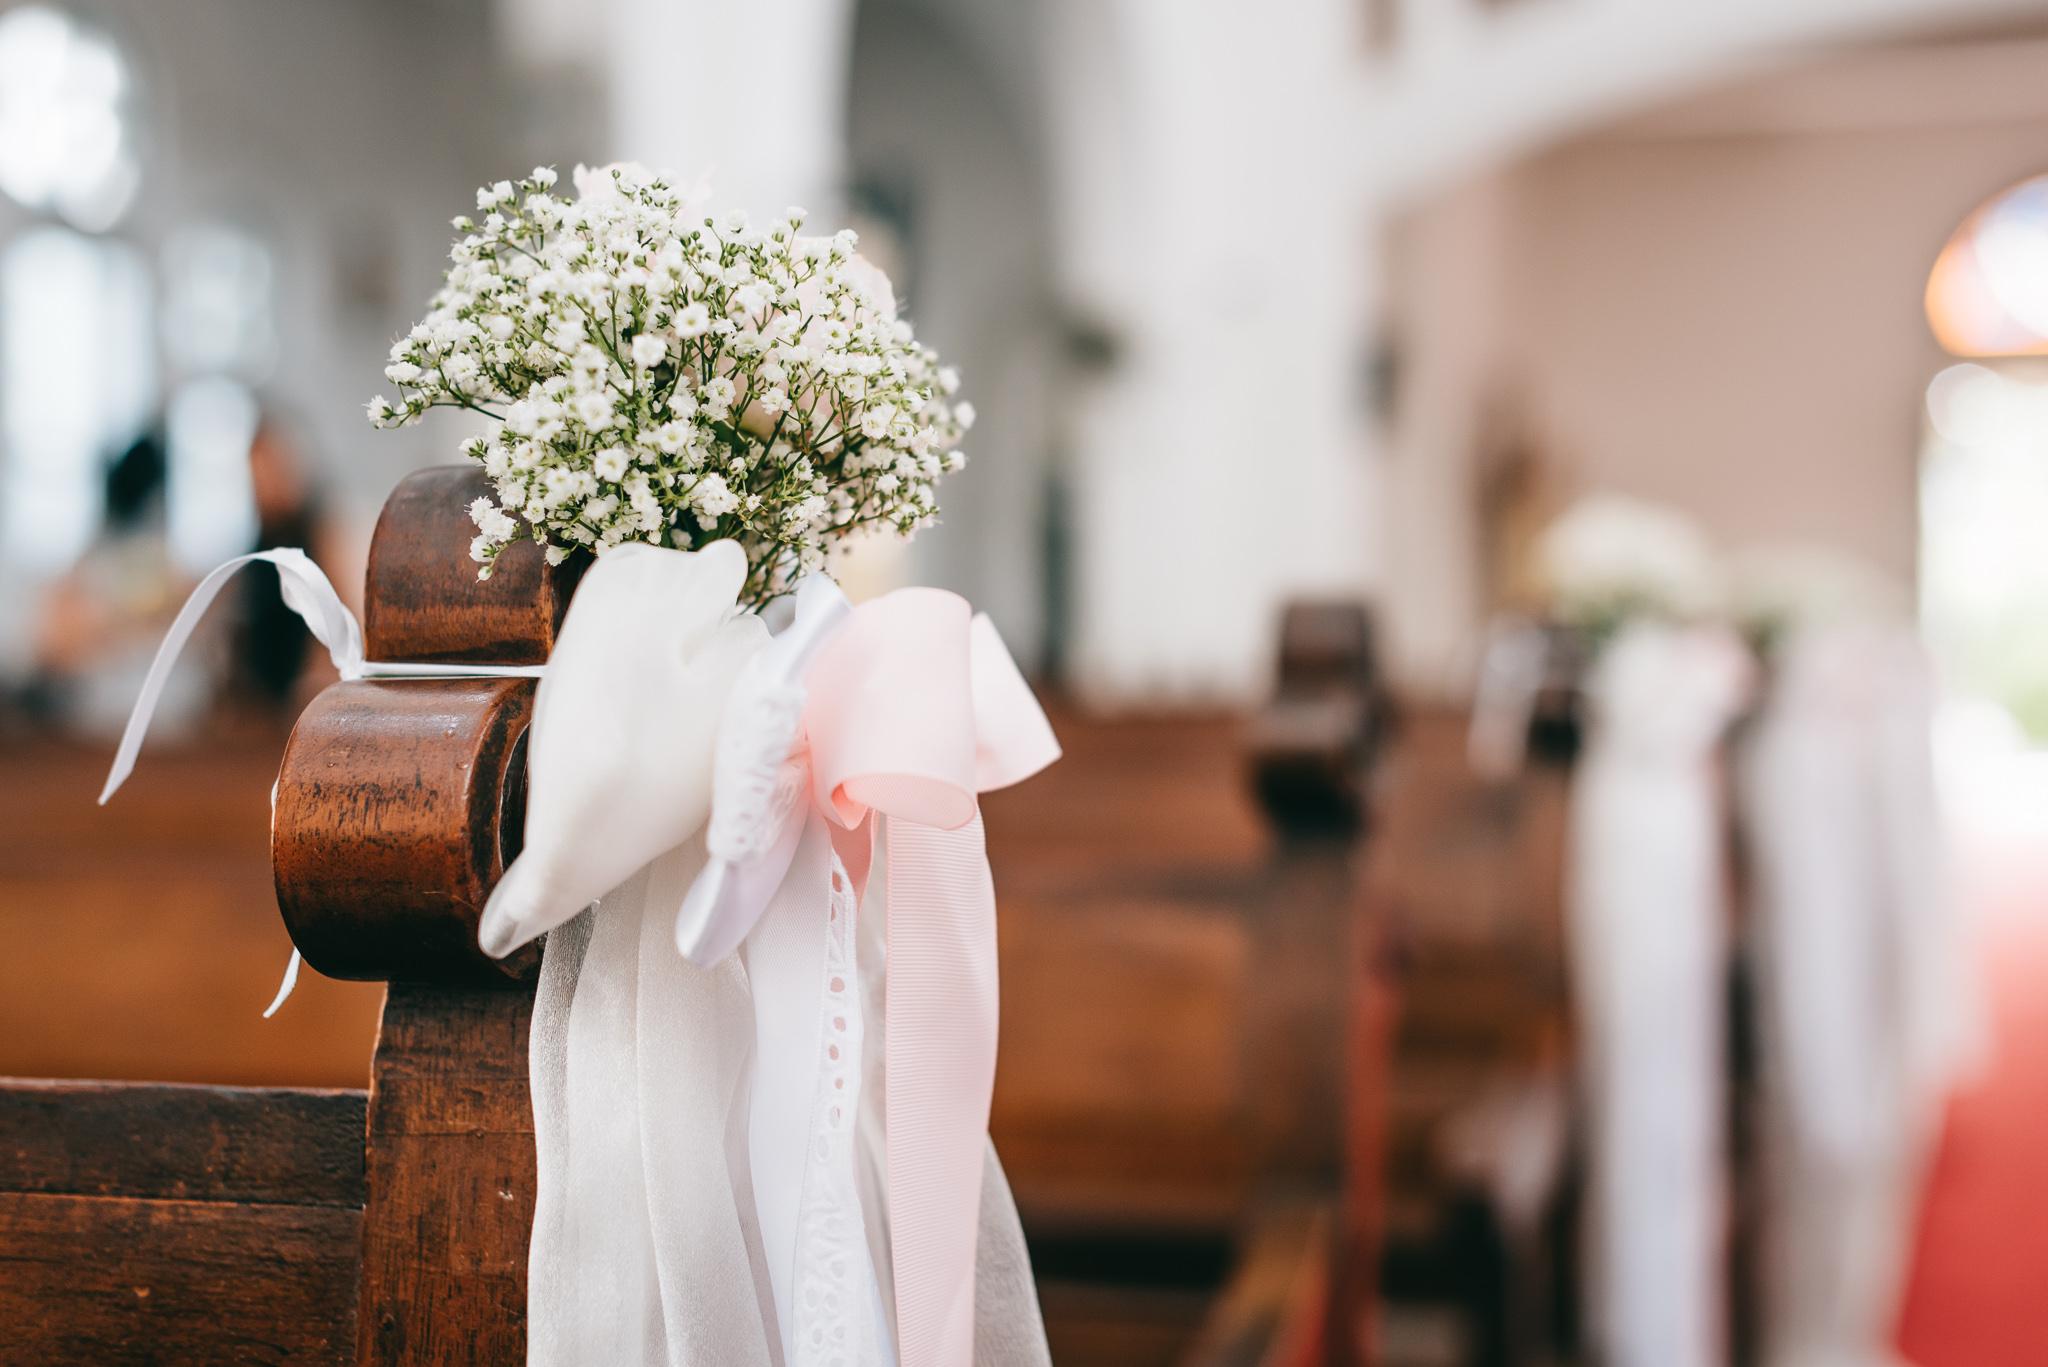 Lionel & Karen Wedding Day Highlights (resized for sharing) - 007.jpg